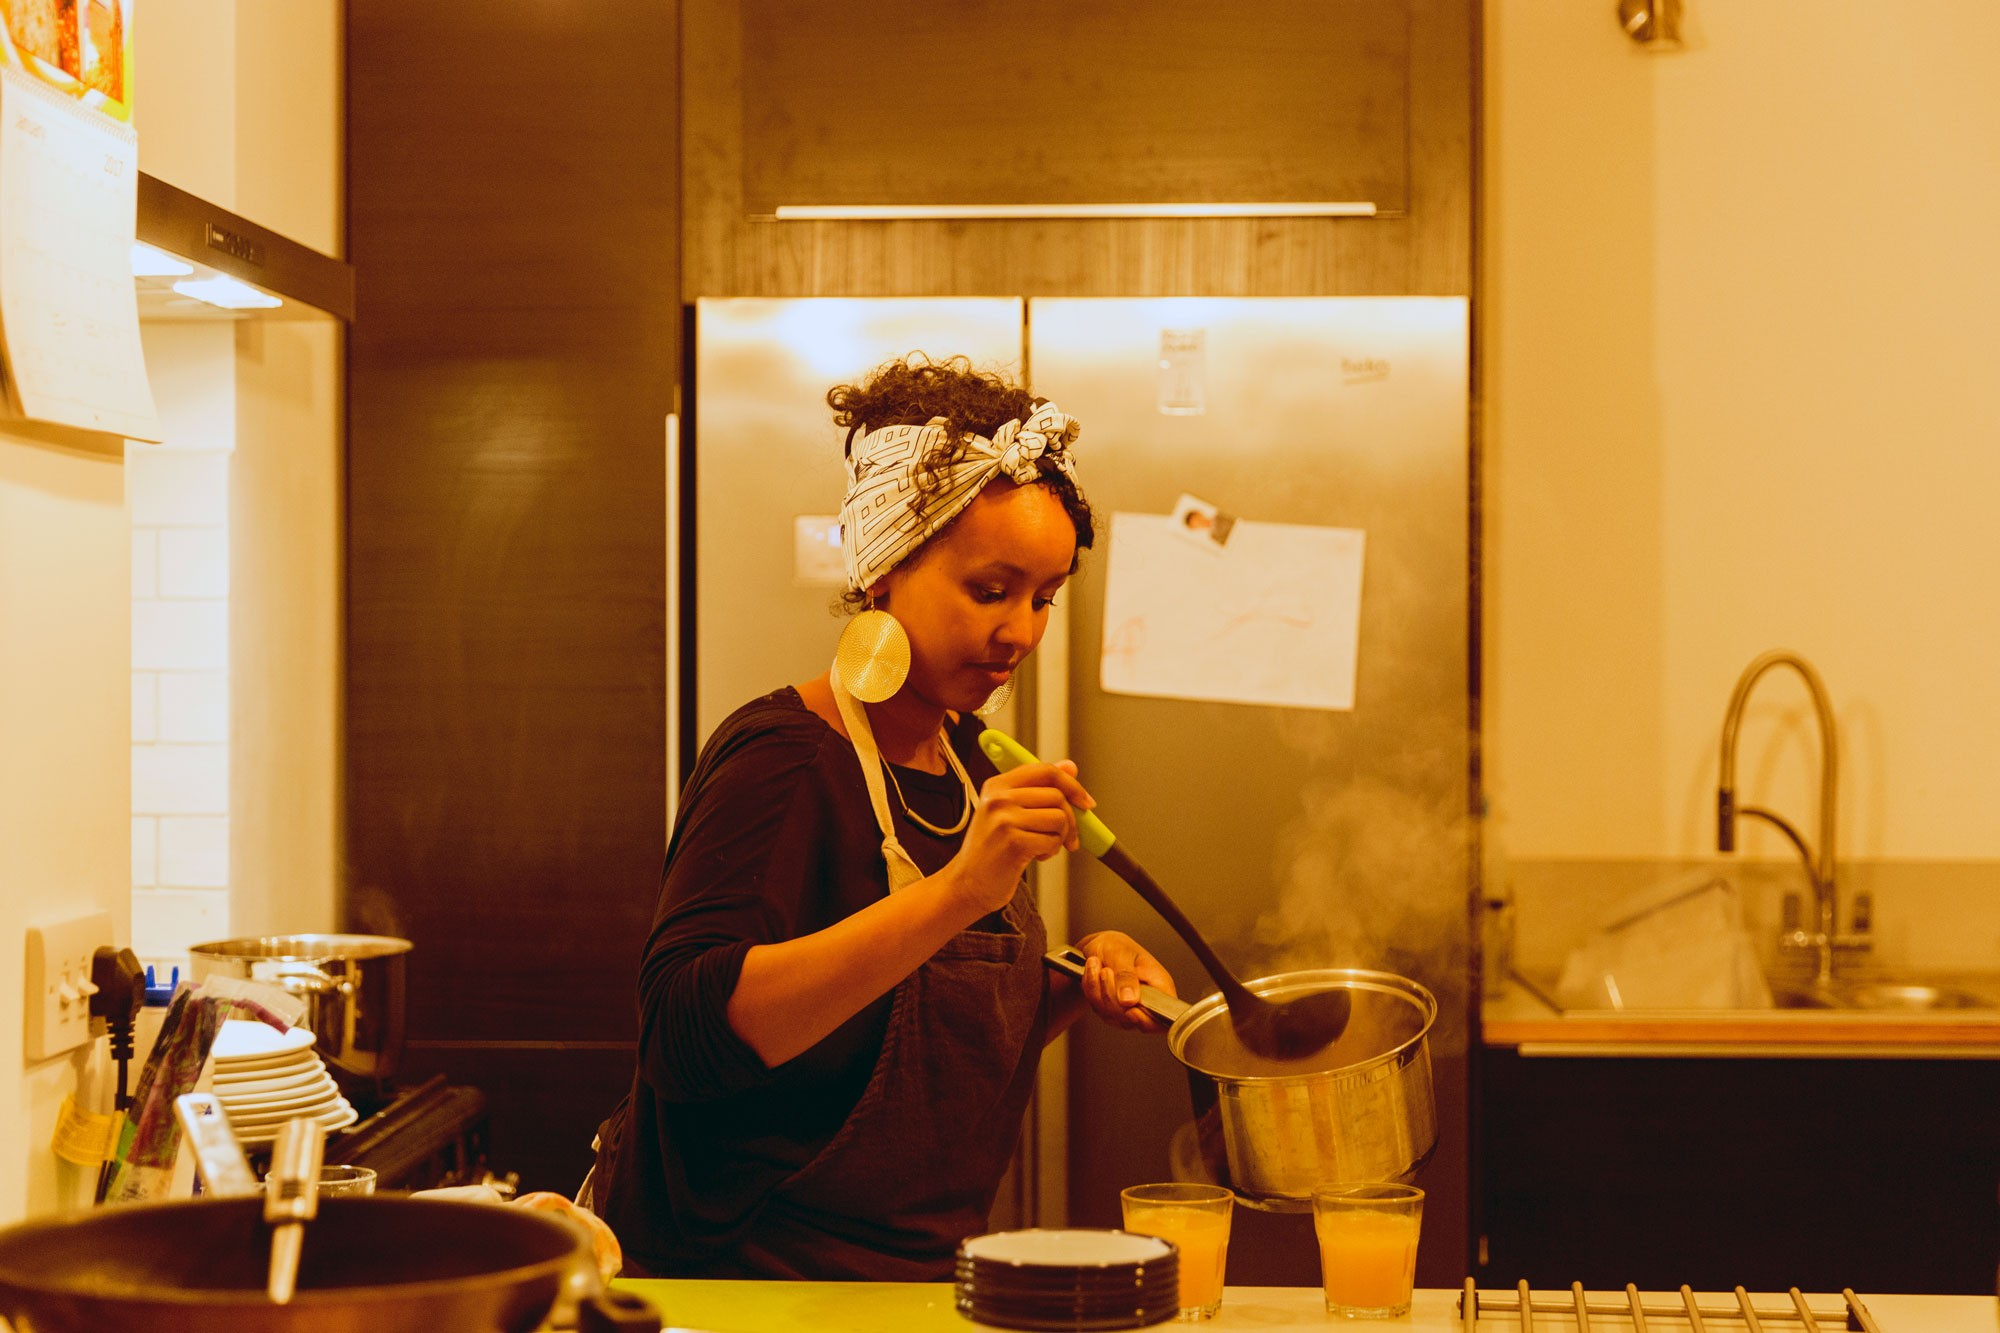 Matatu-Kitchen-by-Emli-Bendixen-x-Munchies_0070